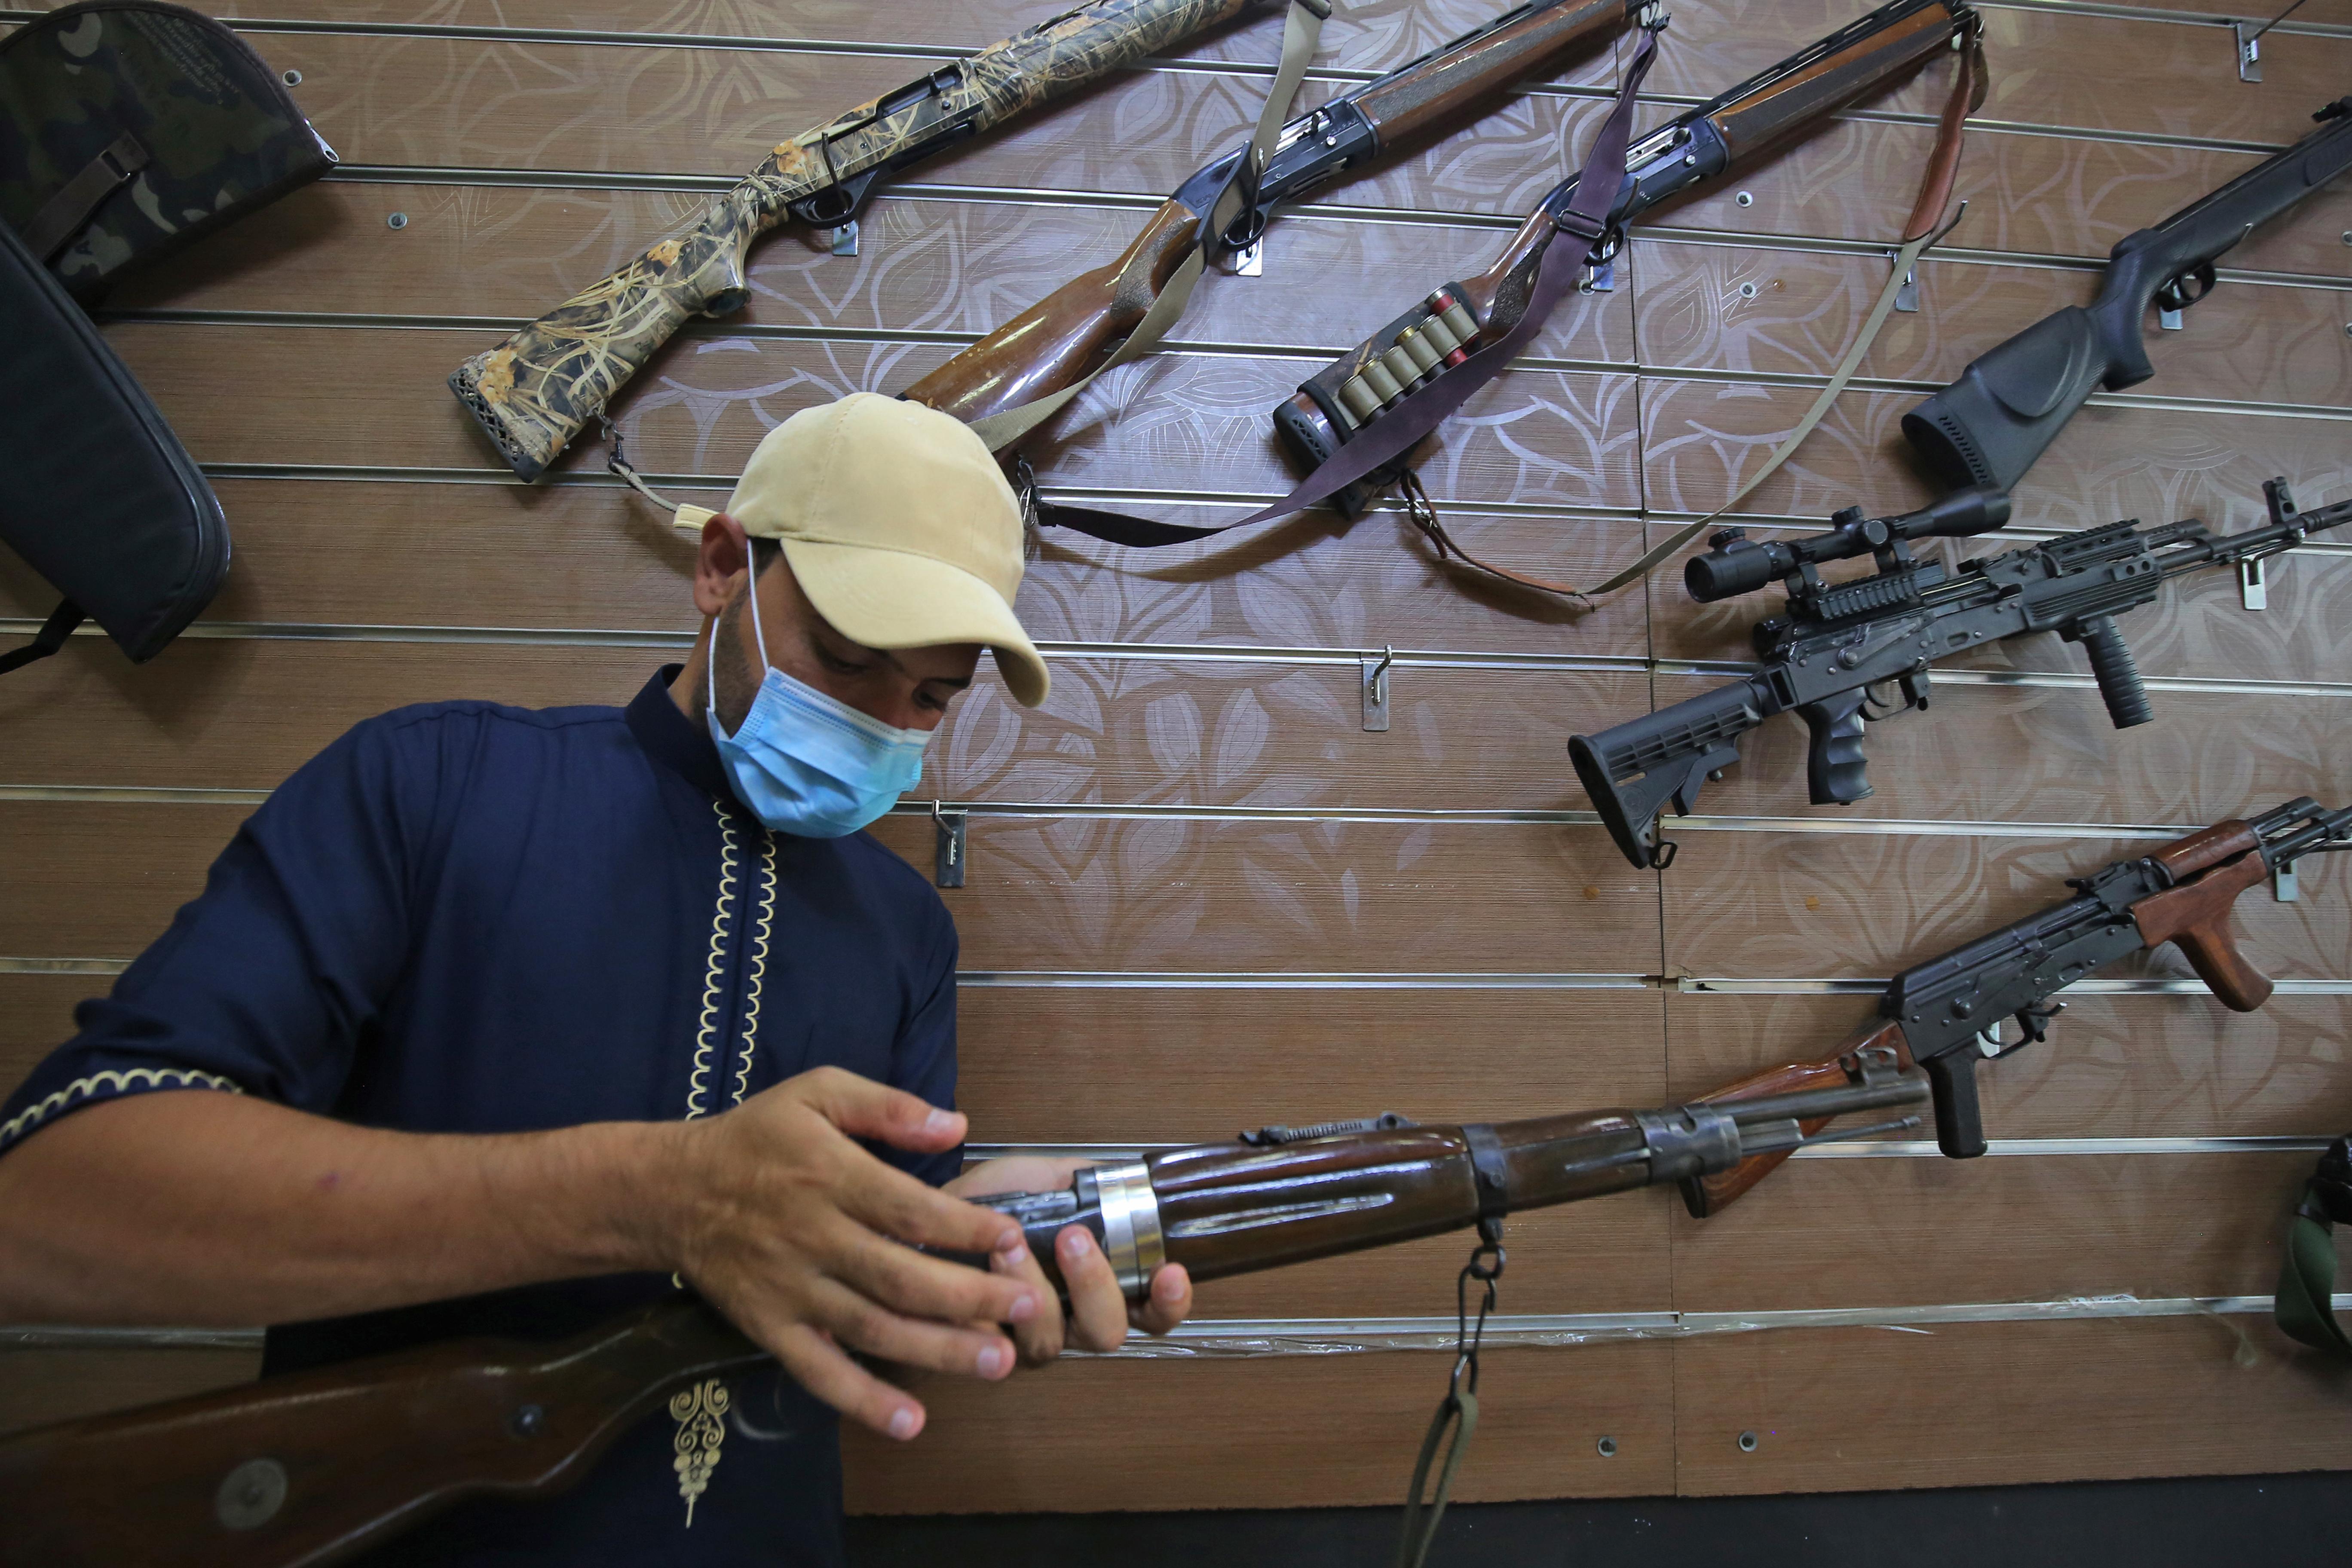 Fegyvervásárlási láz tört ki az Egyesült Államokban, és sok az olyan új vásárló is, akinek eddig nem volt fegyvere